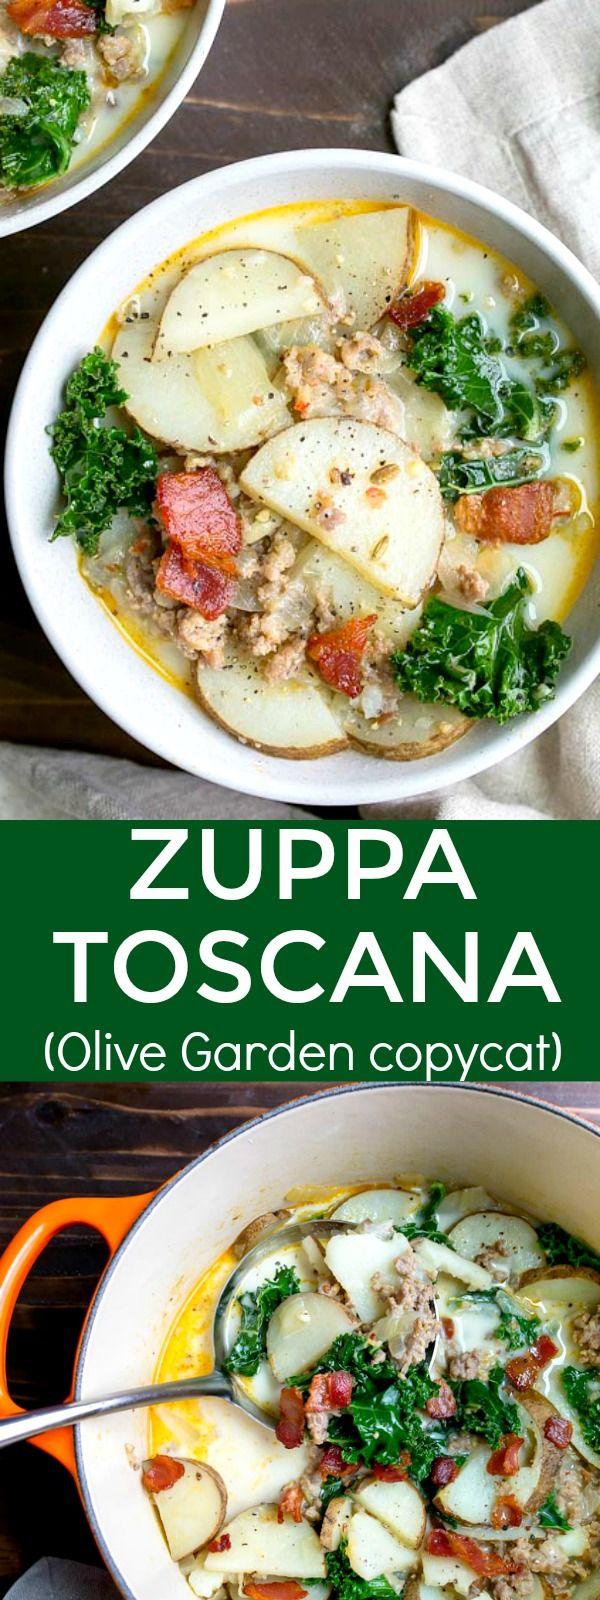 Zuppa Toscana soup recipe, a copycat Olive Garden soup